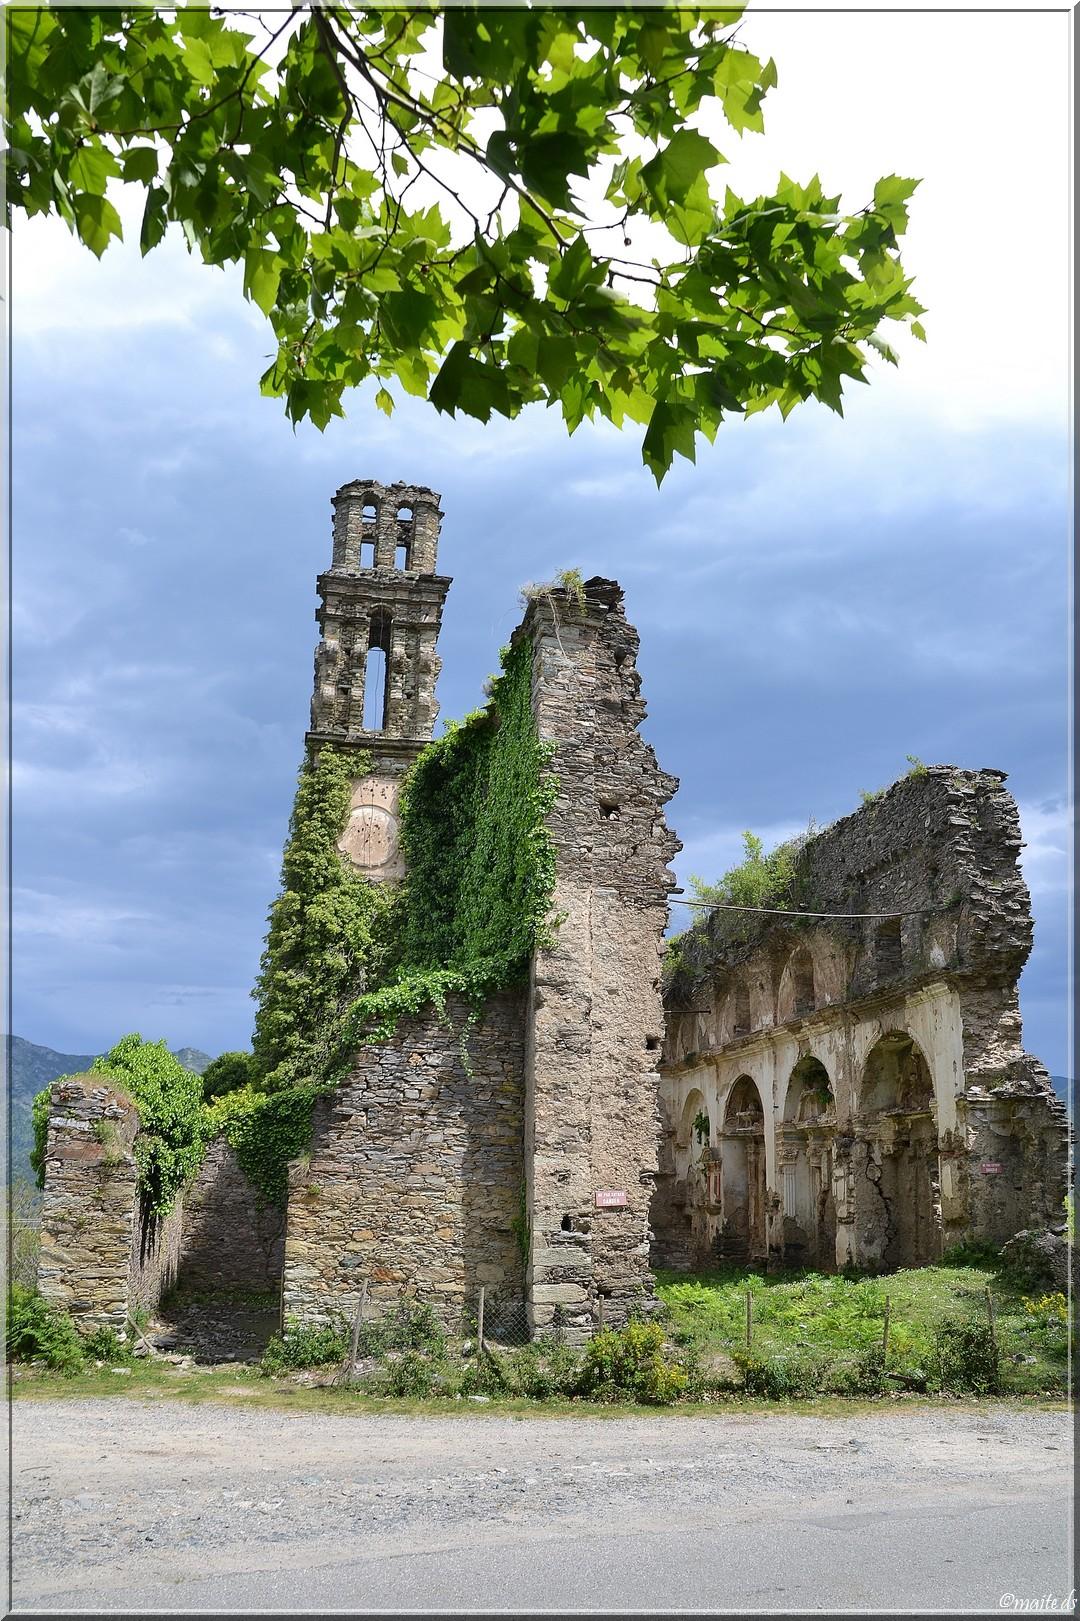 Le couvent d'Orezza - Corse  11 mai 2014